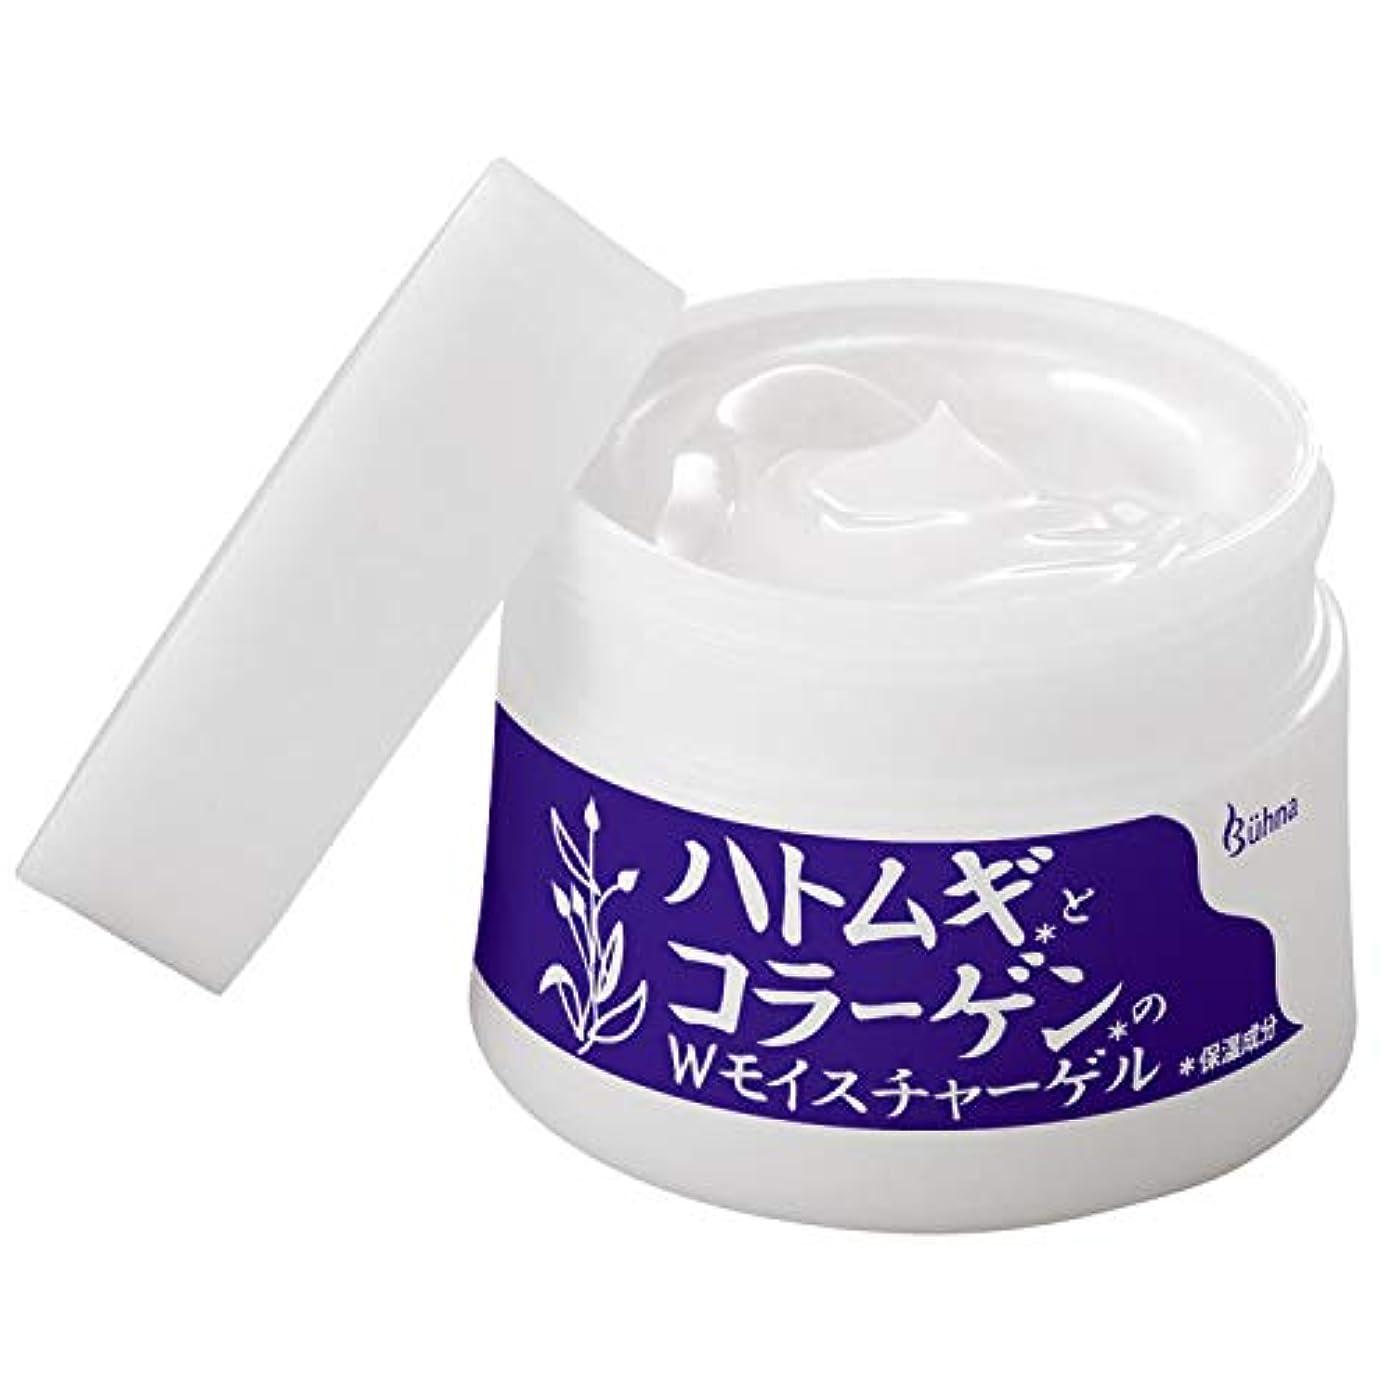 ヒットオーバーコートクレジットビューナ ハトムギとコラーゲンのWモイスチャーゲル150g 保湿 オールインワン 美容液 化粧水 乳液